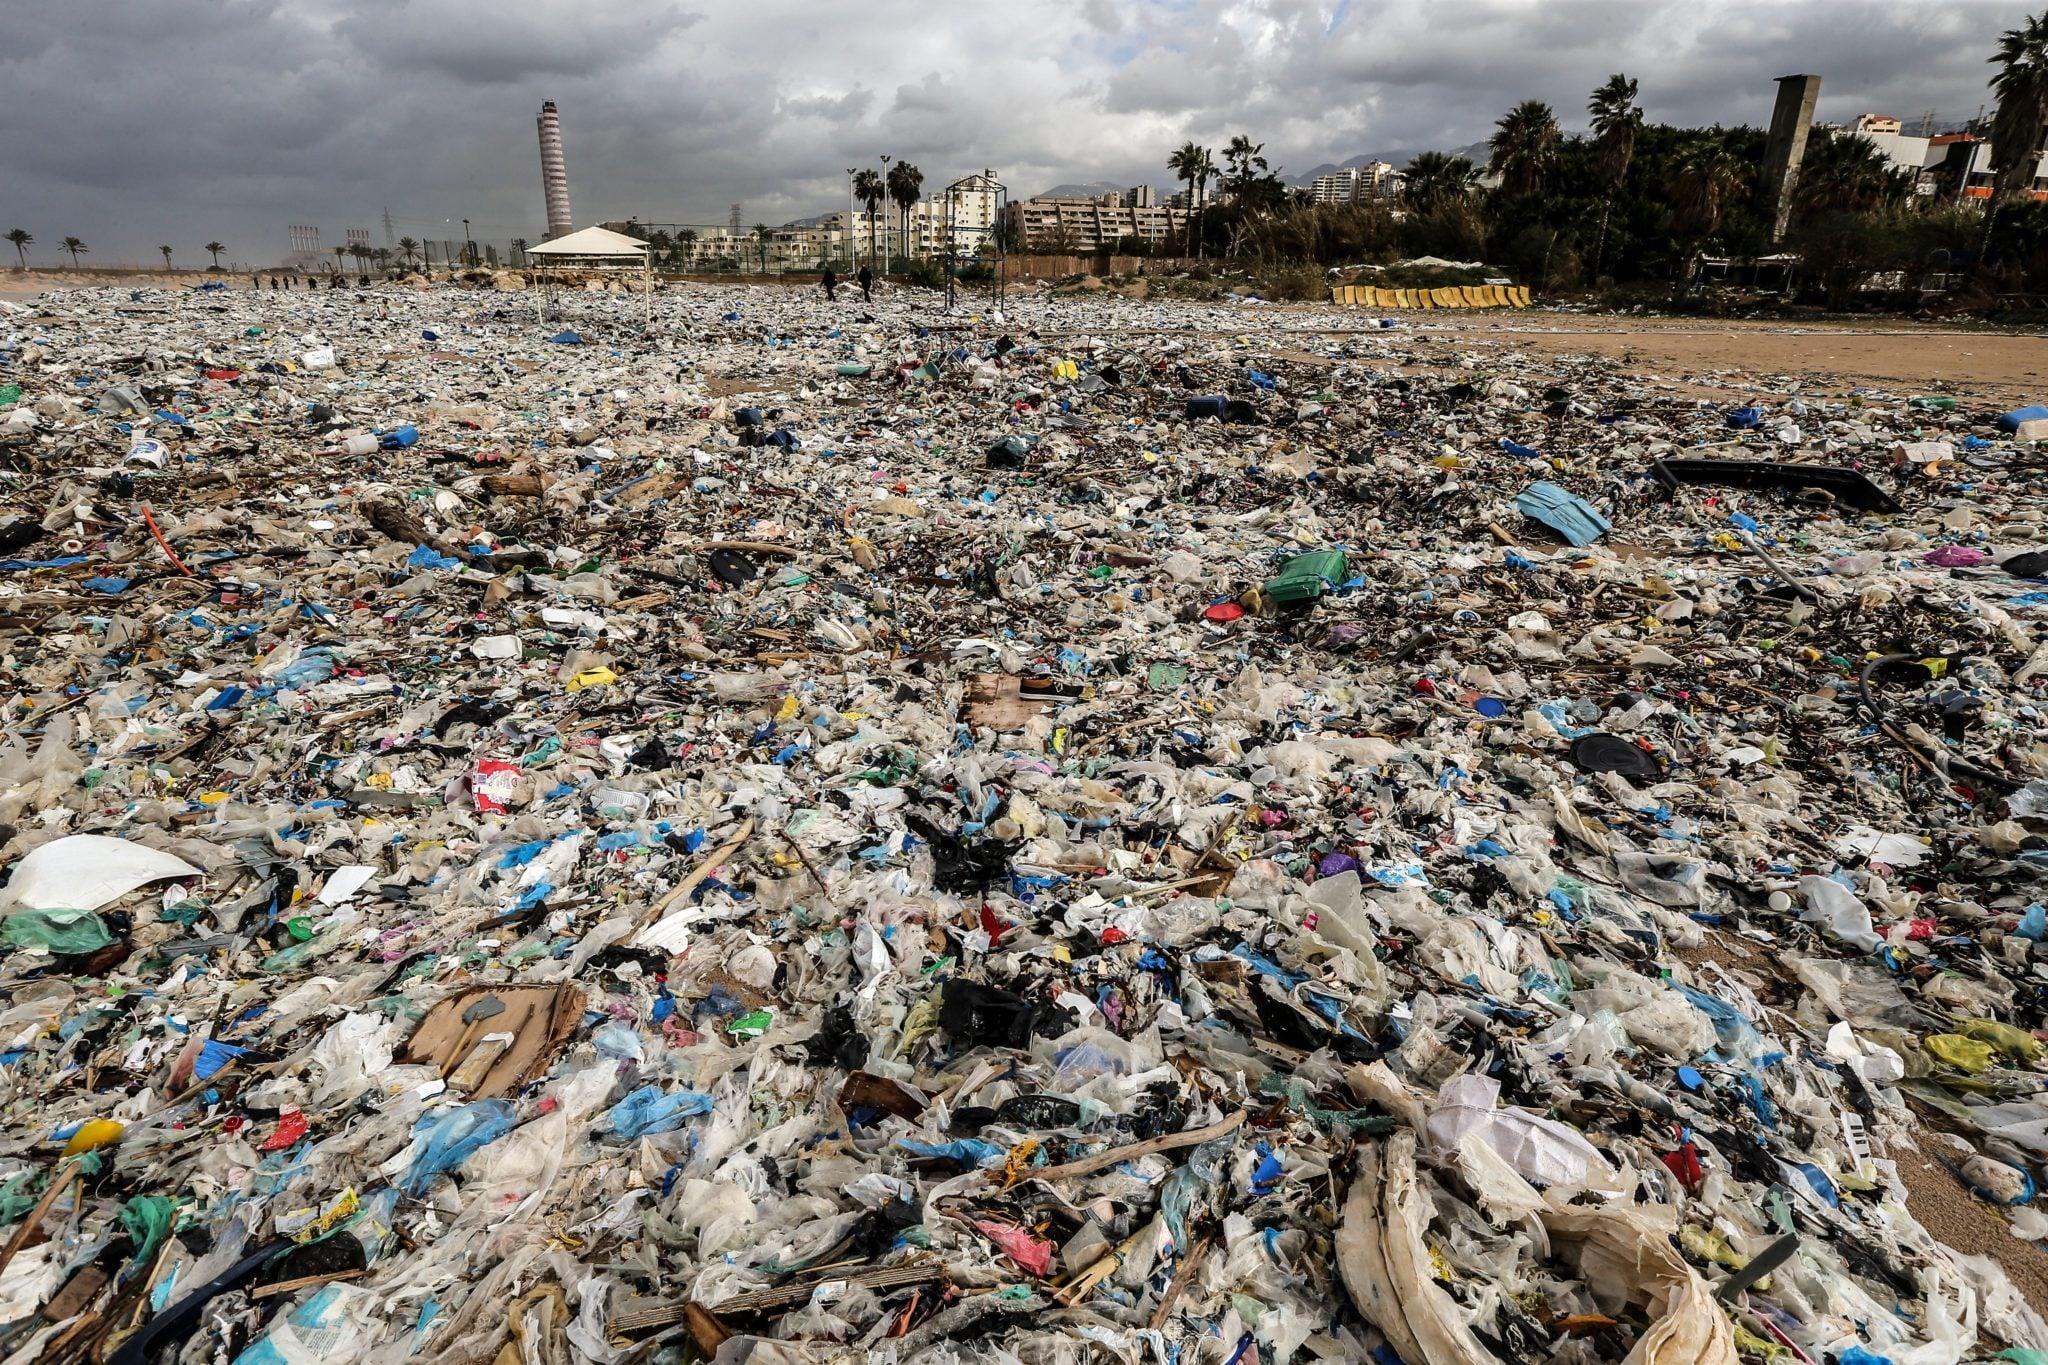 Stos śmieci wyrzuconych na brzeg dzień po zimowej burzy, która uderzyła w obszar Zouk Musbeh, na północ od Bejrutu w Libanie, fot: Nabil Mounzer, PAP/EPA